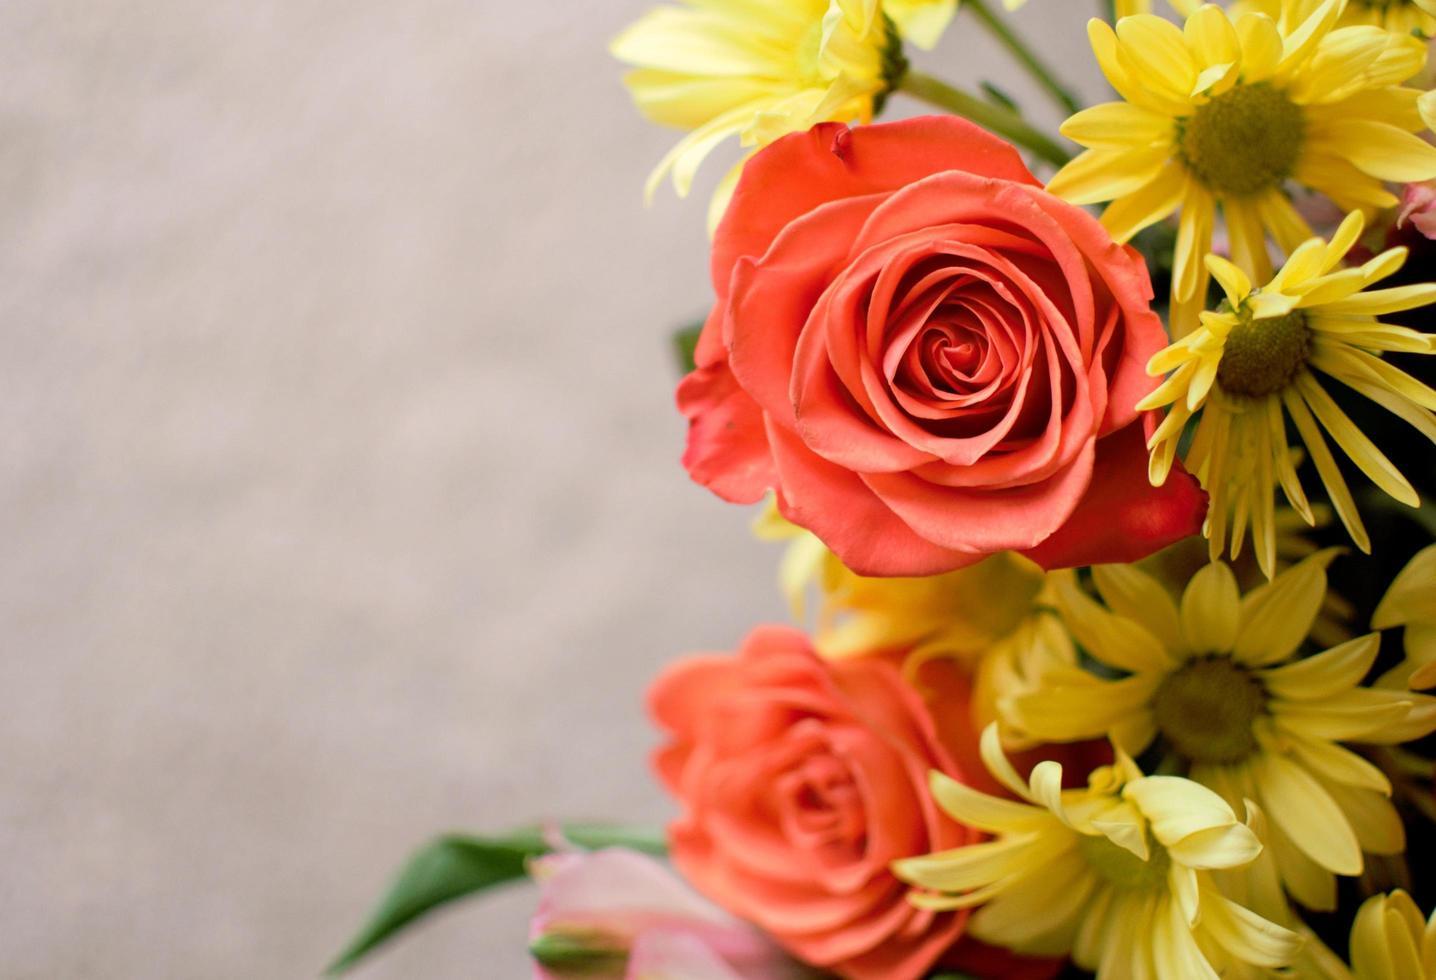 roter und gelber Blumenstrauß foto